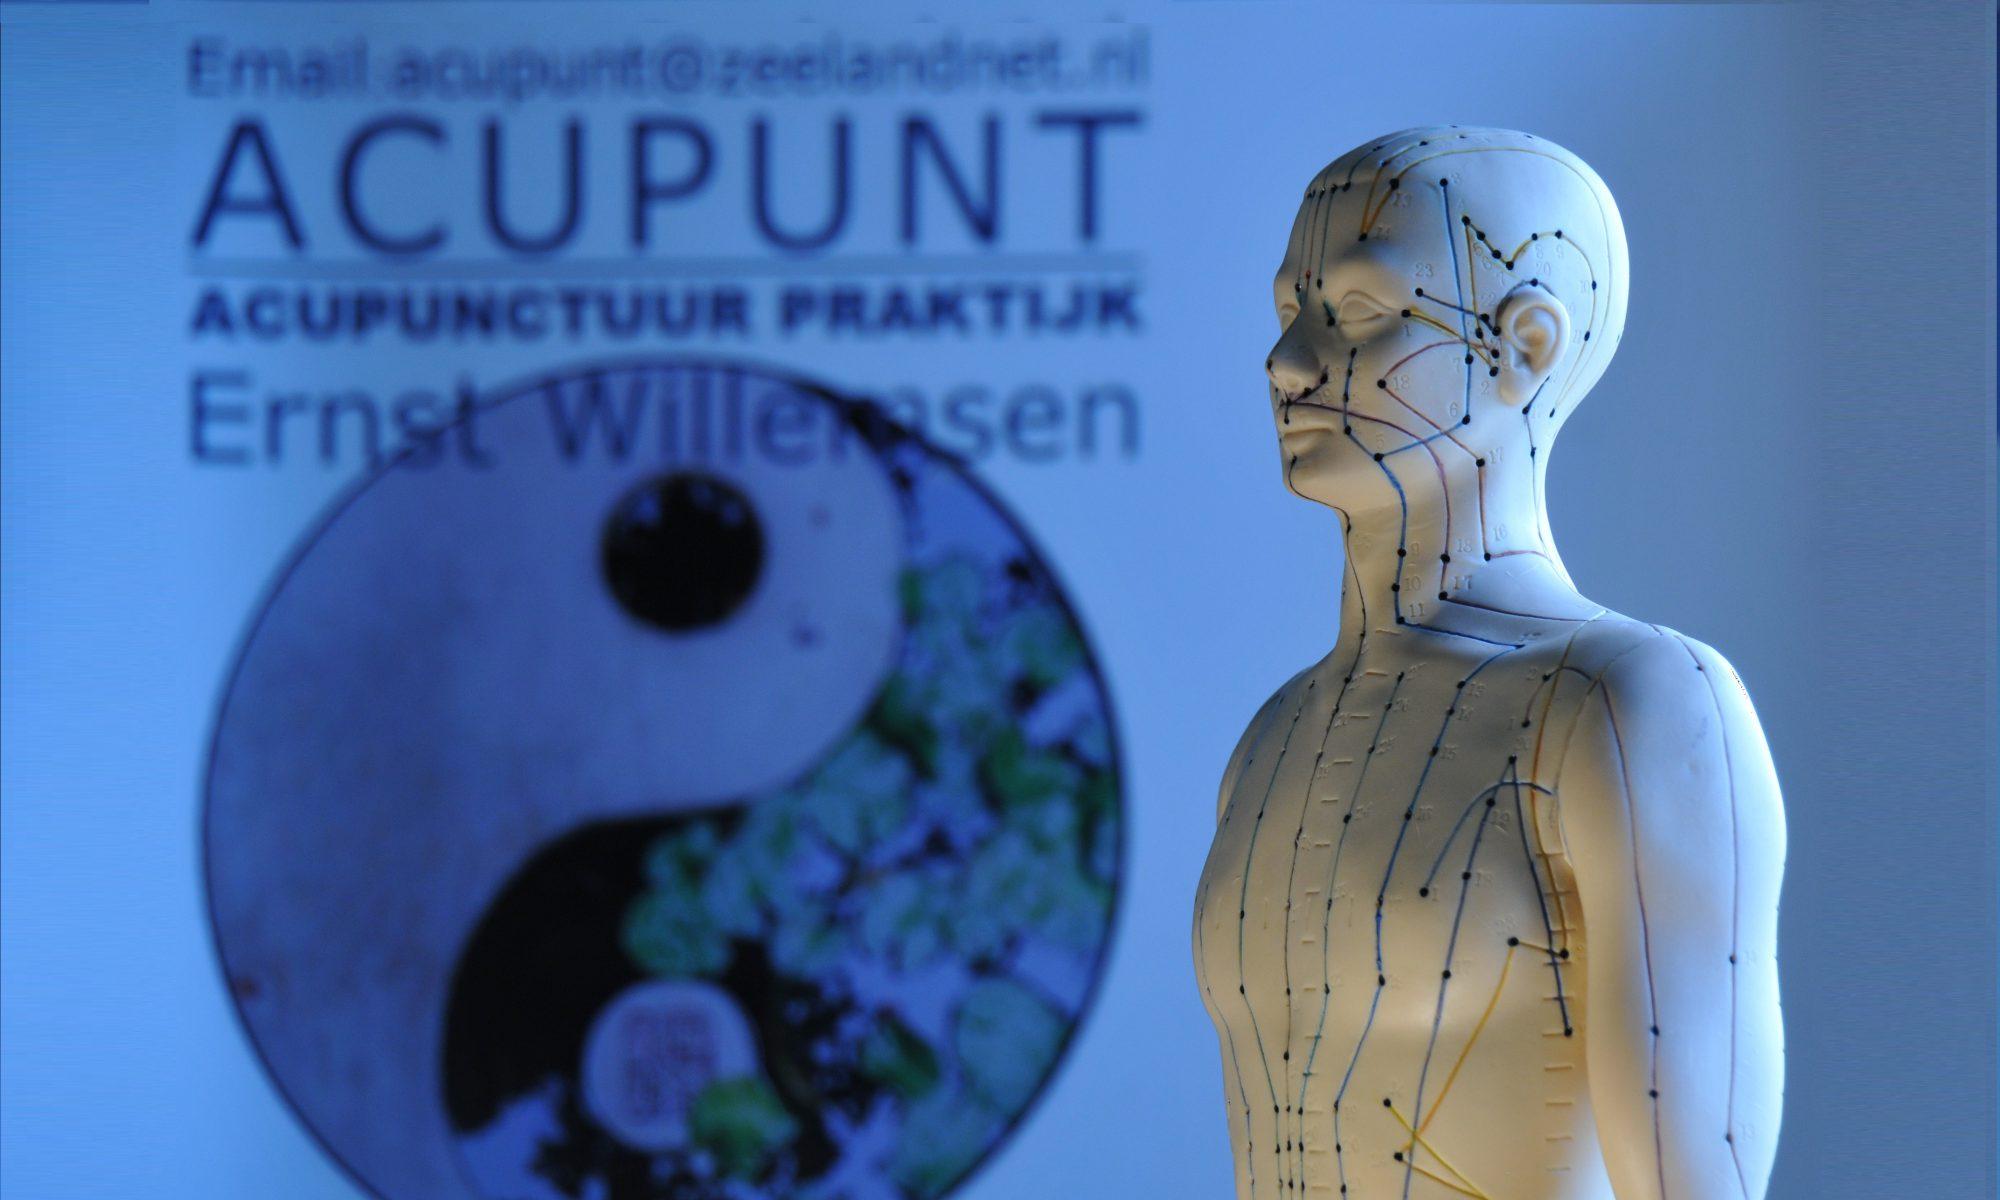 Acupunt Acupunctuur Praktijk